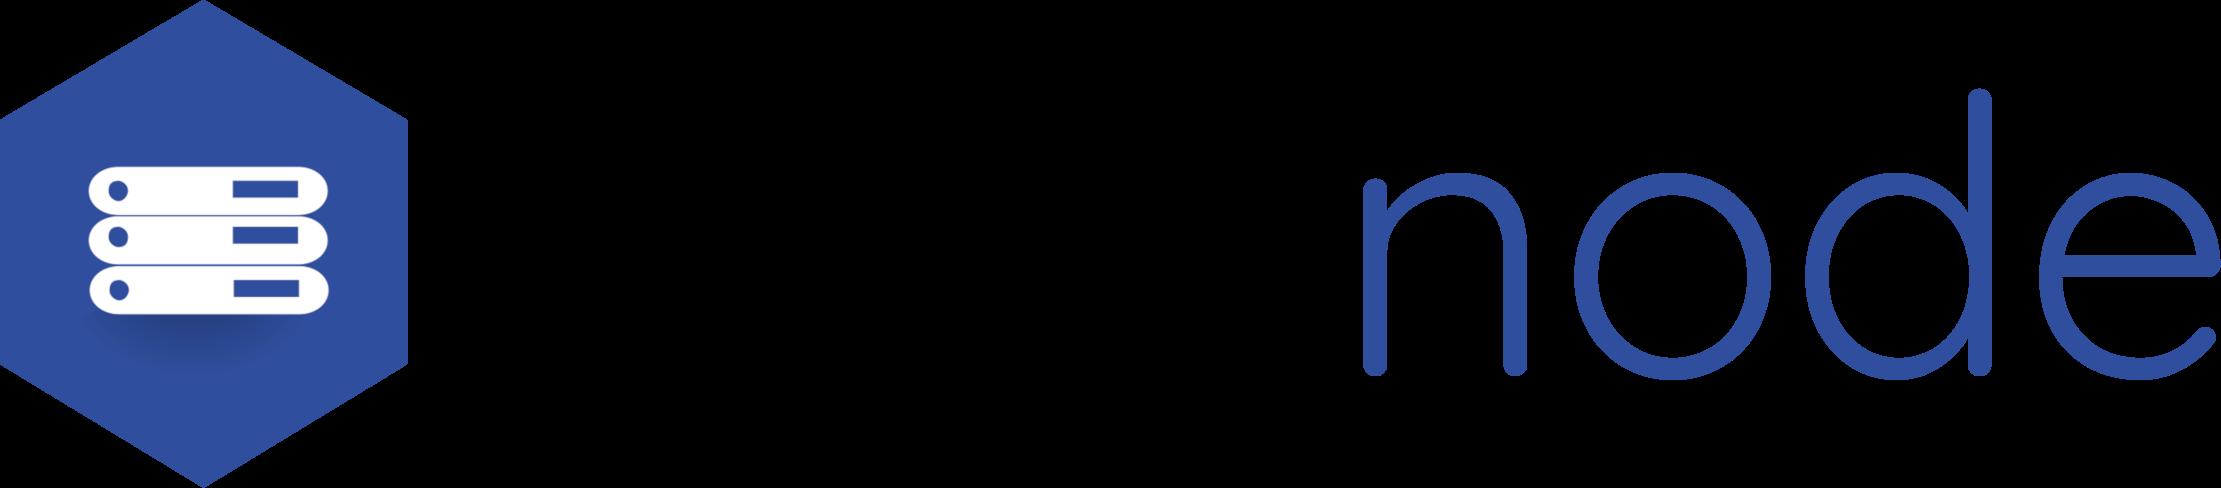 Hexanode